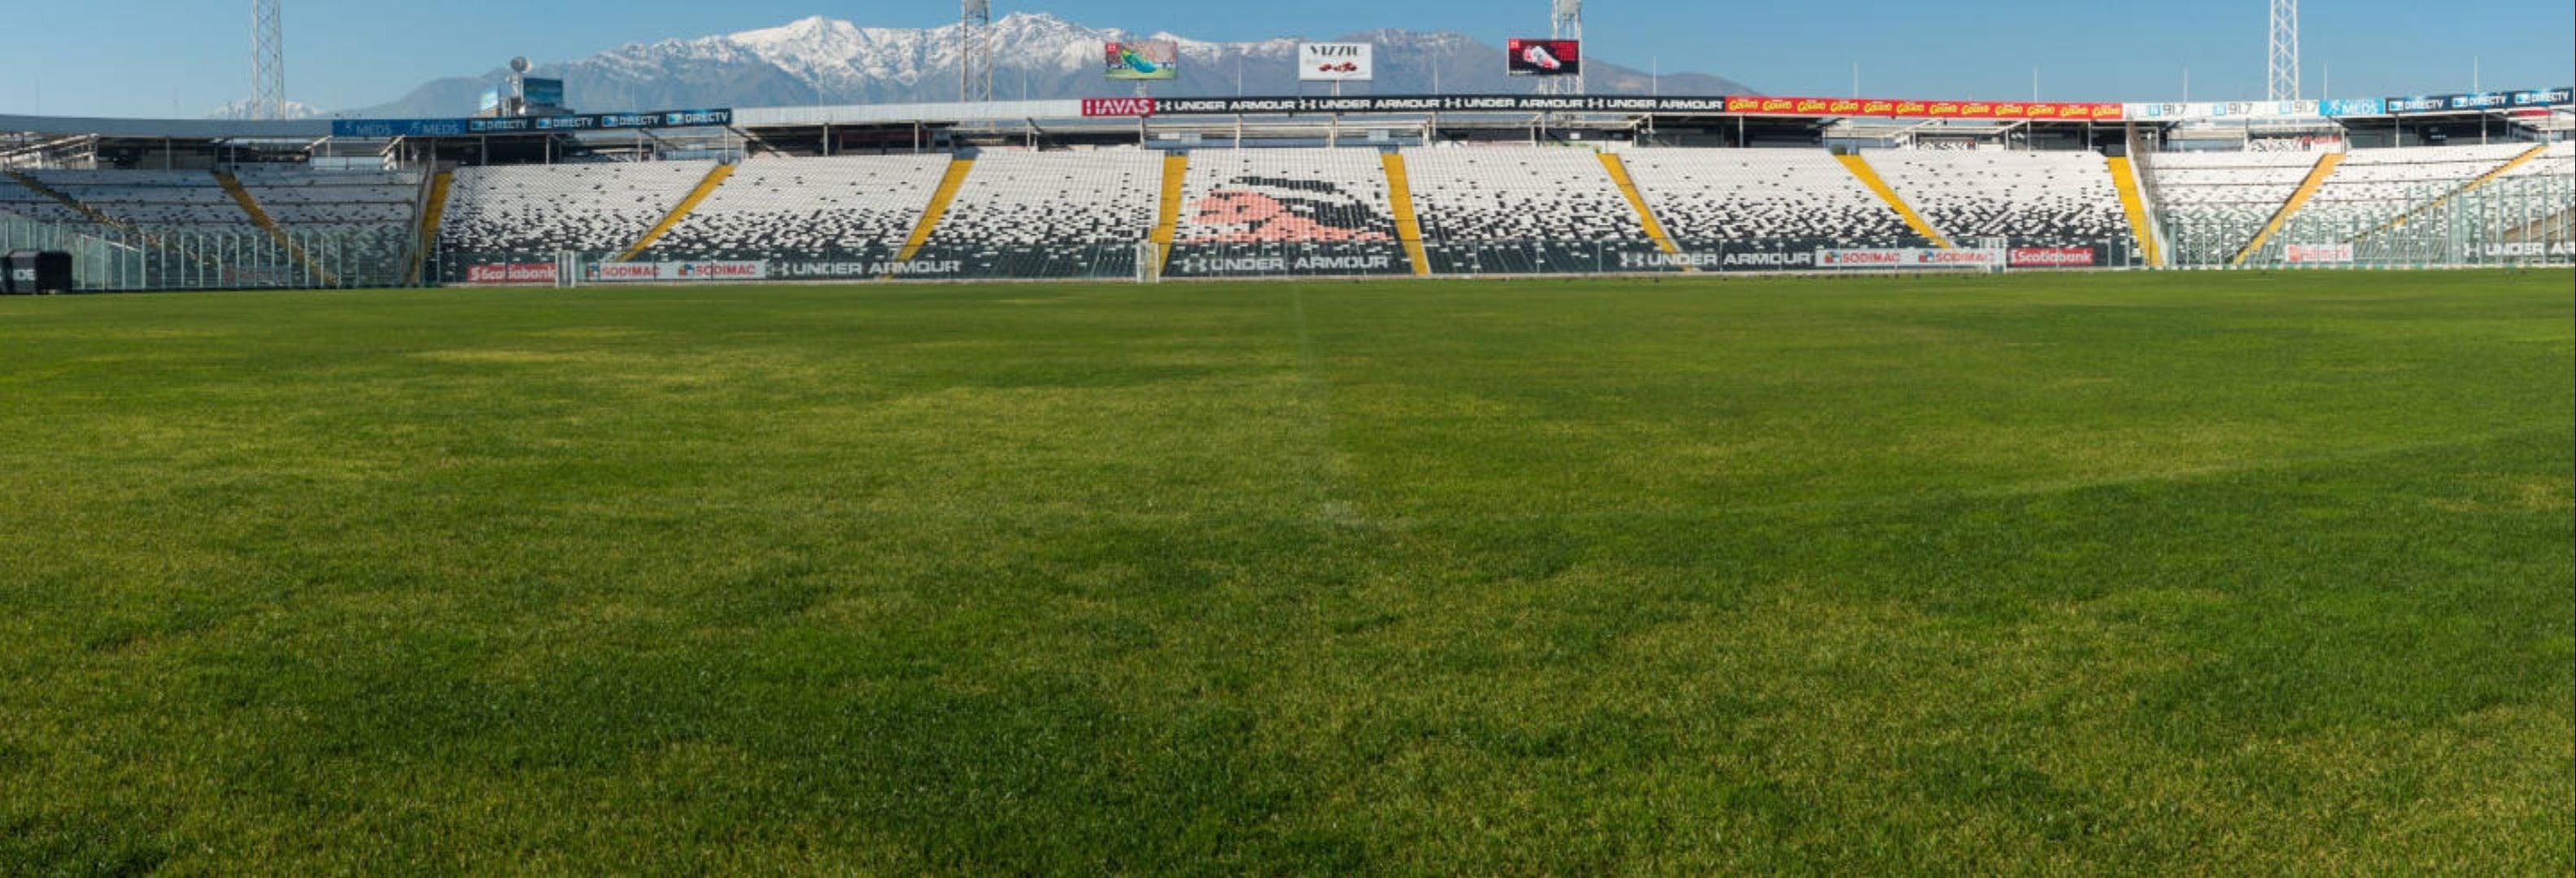 Estadio Monumental Stadium Tour